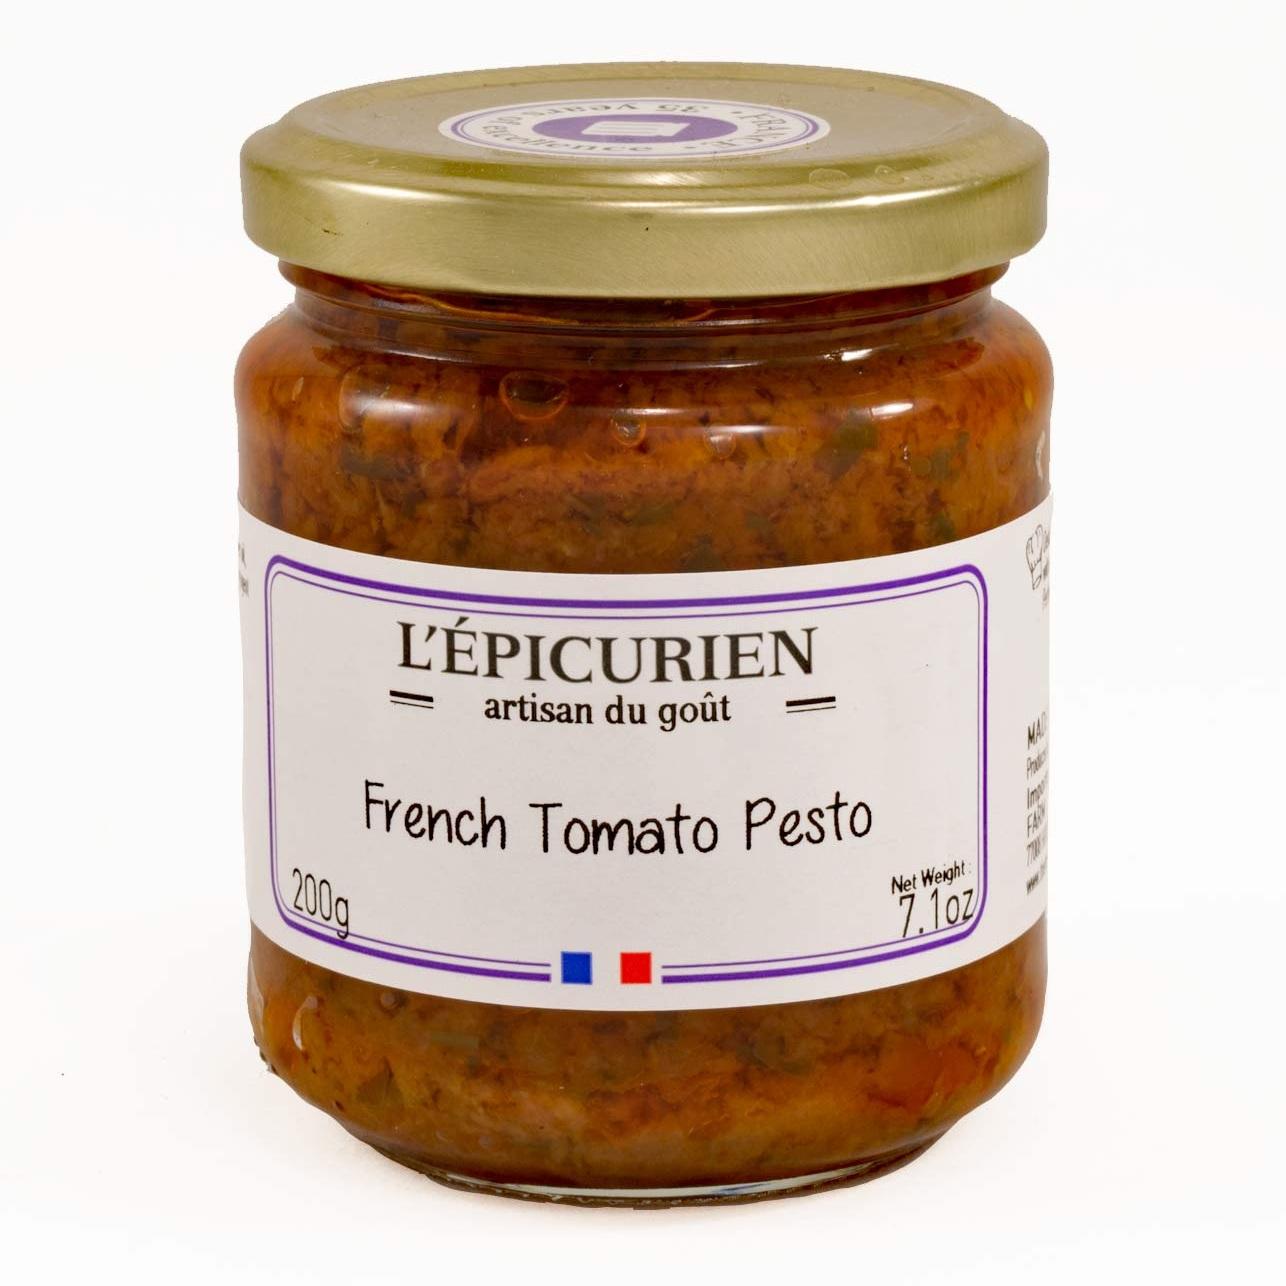 FRENCH TOMATO PESTO